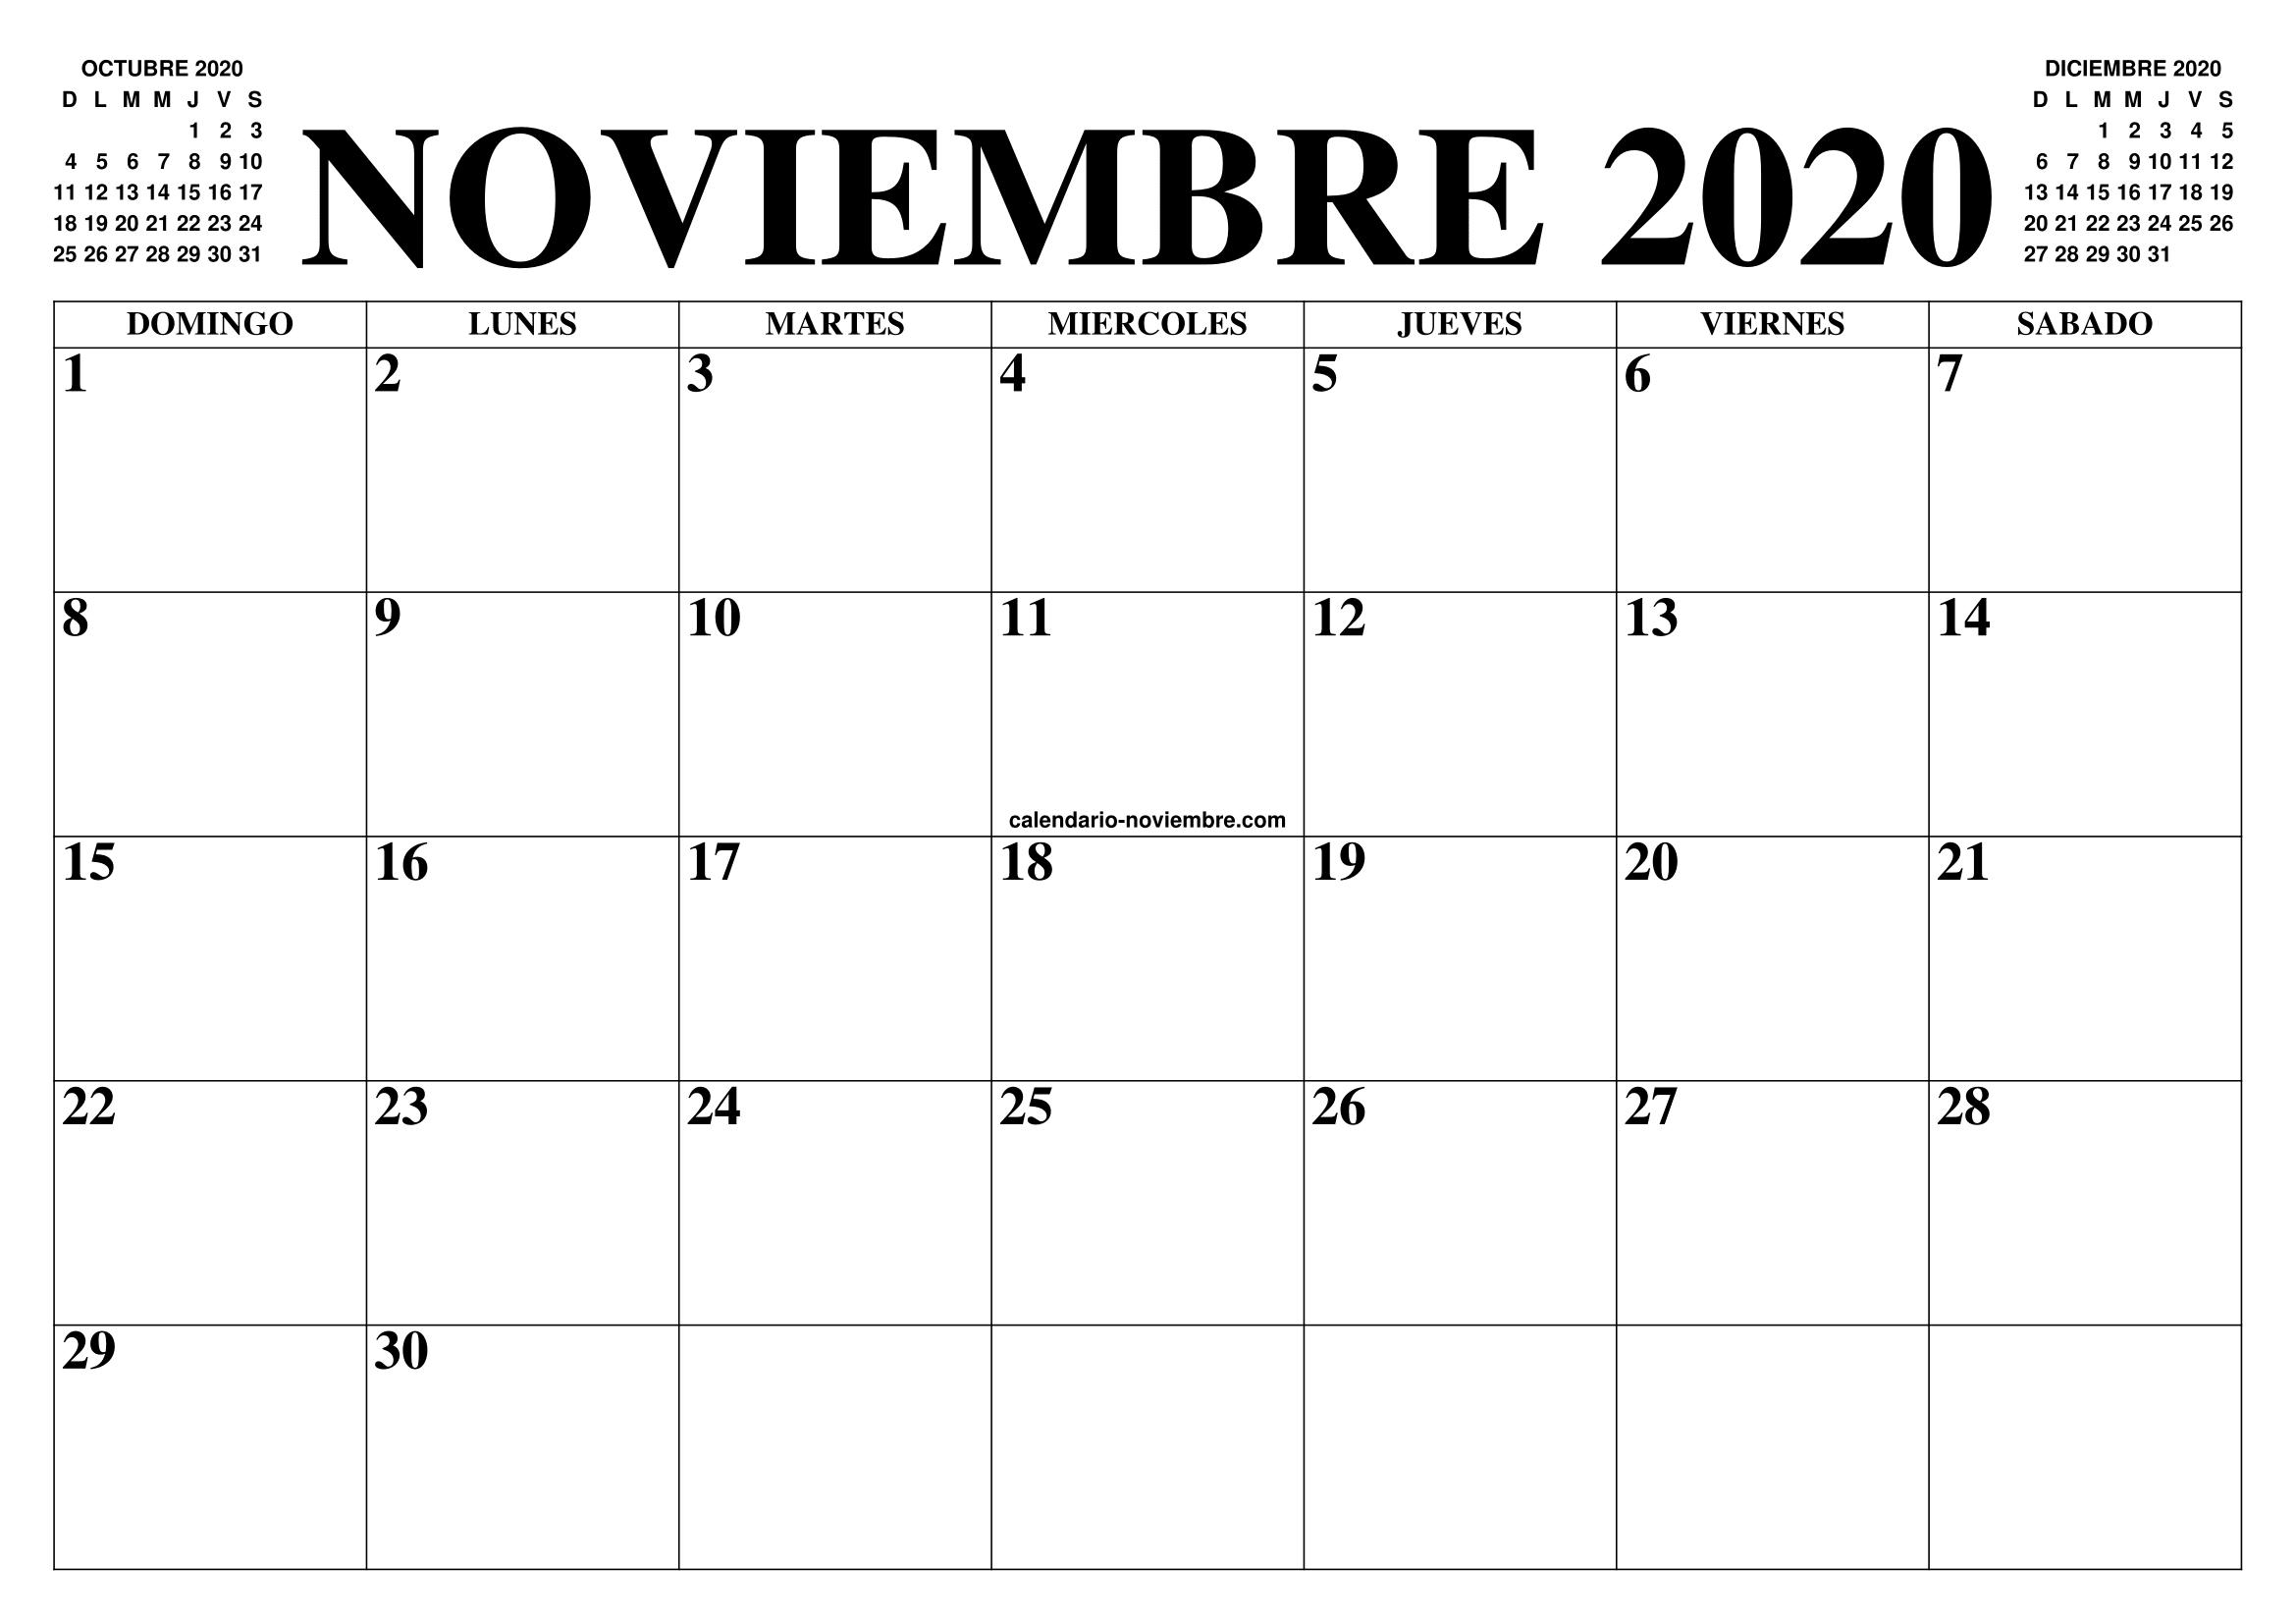 Calendario Diciembre 2020 Para Imprimir.Calendario Noviembre 2020 El Calendario Noviembre Para Imprimir